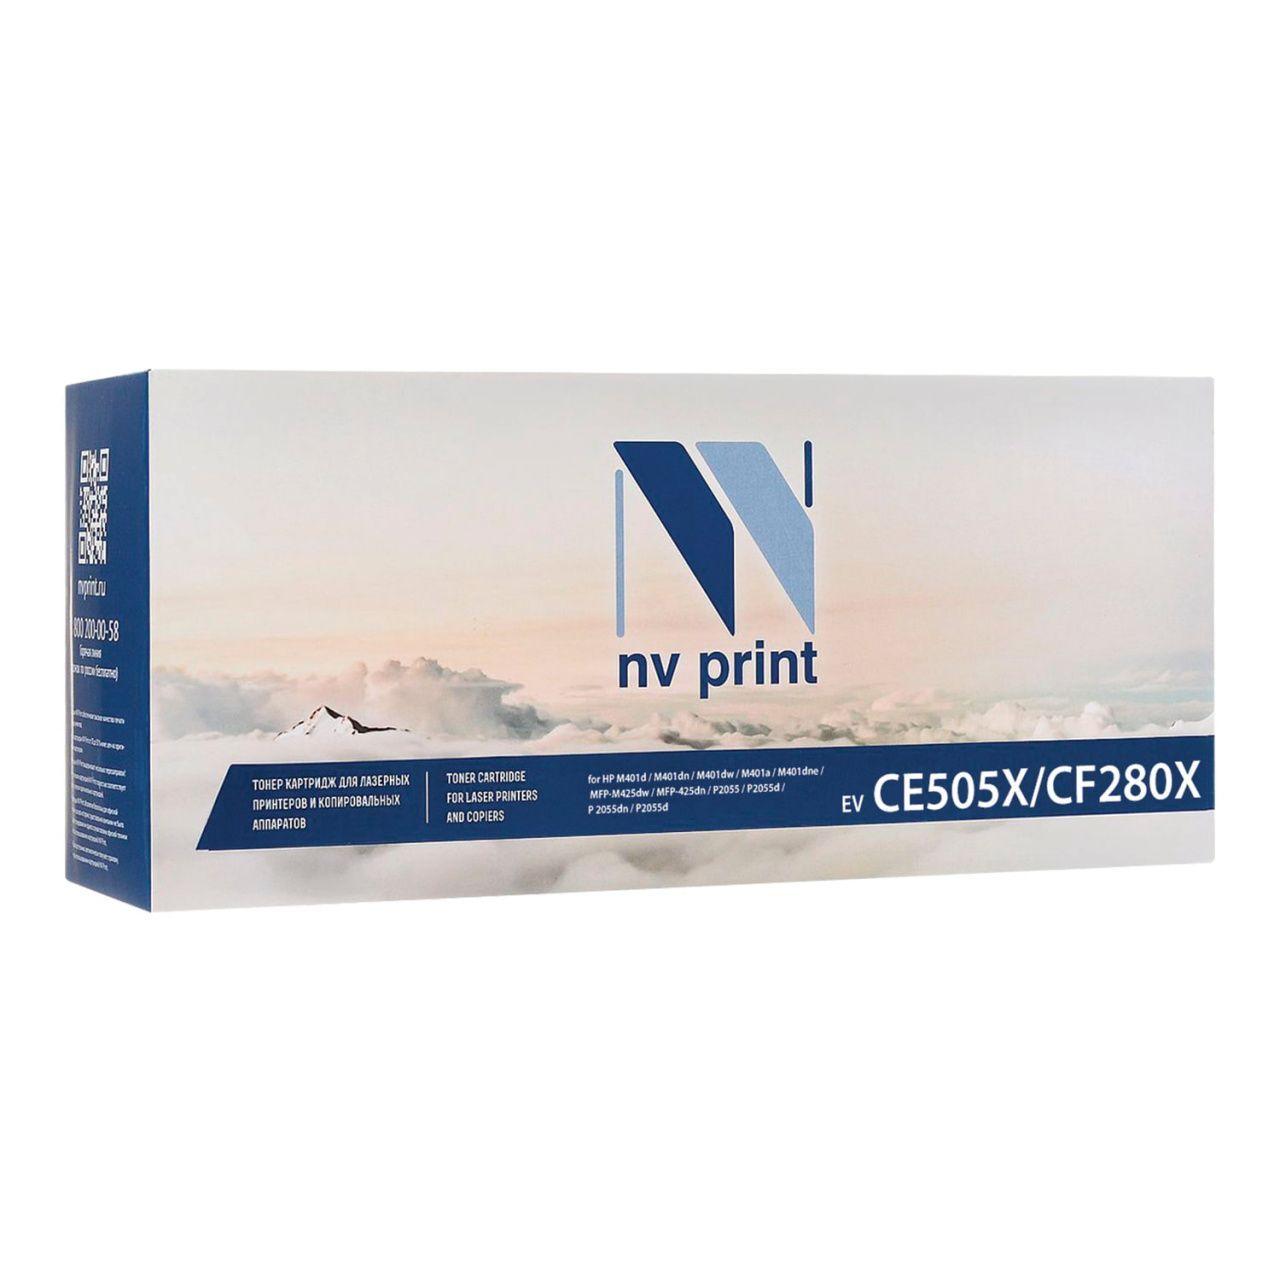 Тонер-картридж NV Print (NV-CF280X/CE505X), черный, для лазерного принтера, совместимый